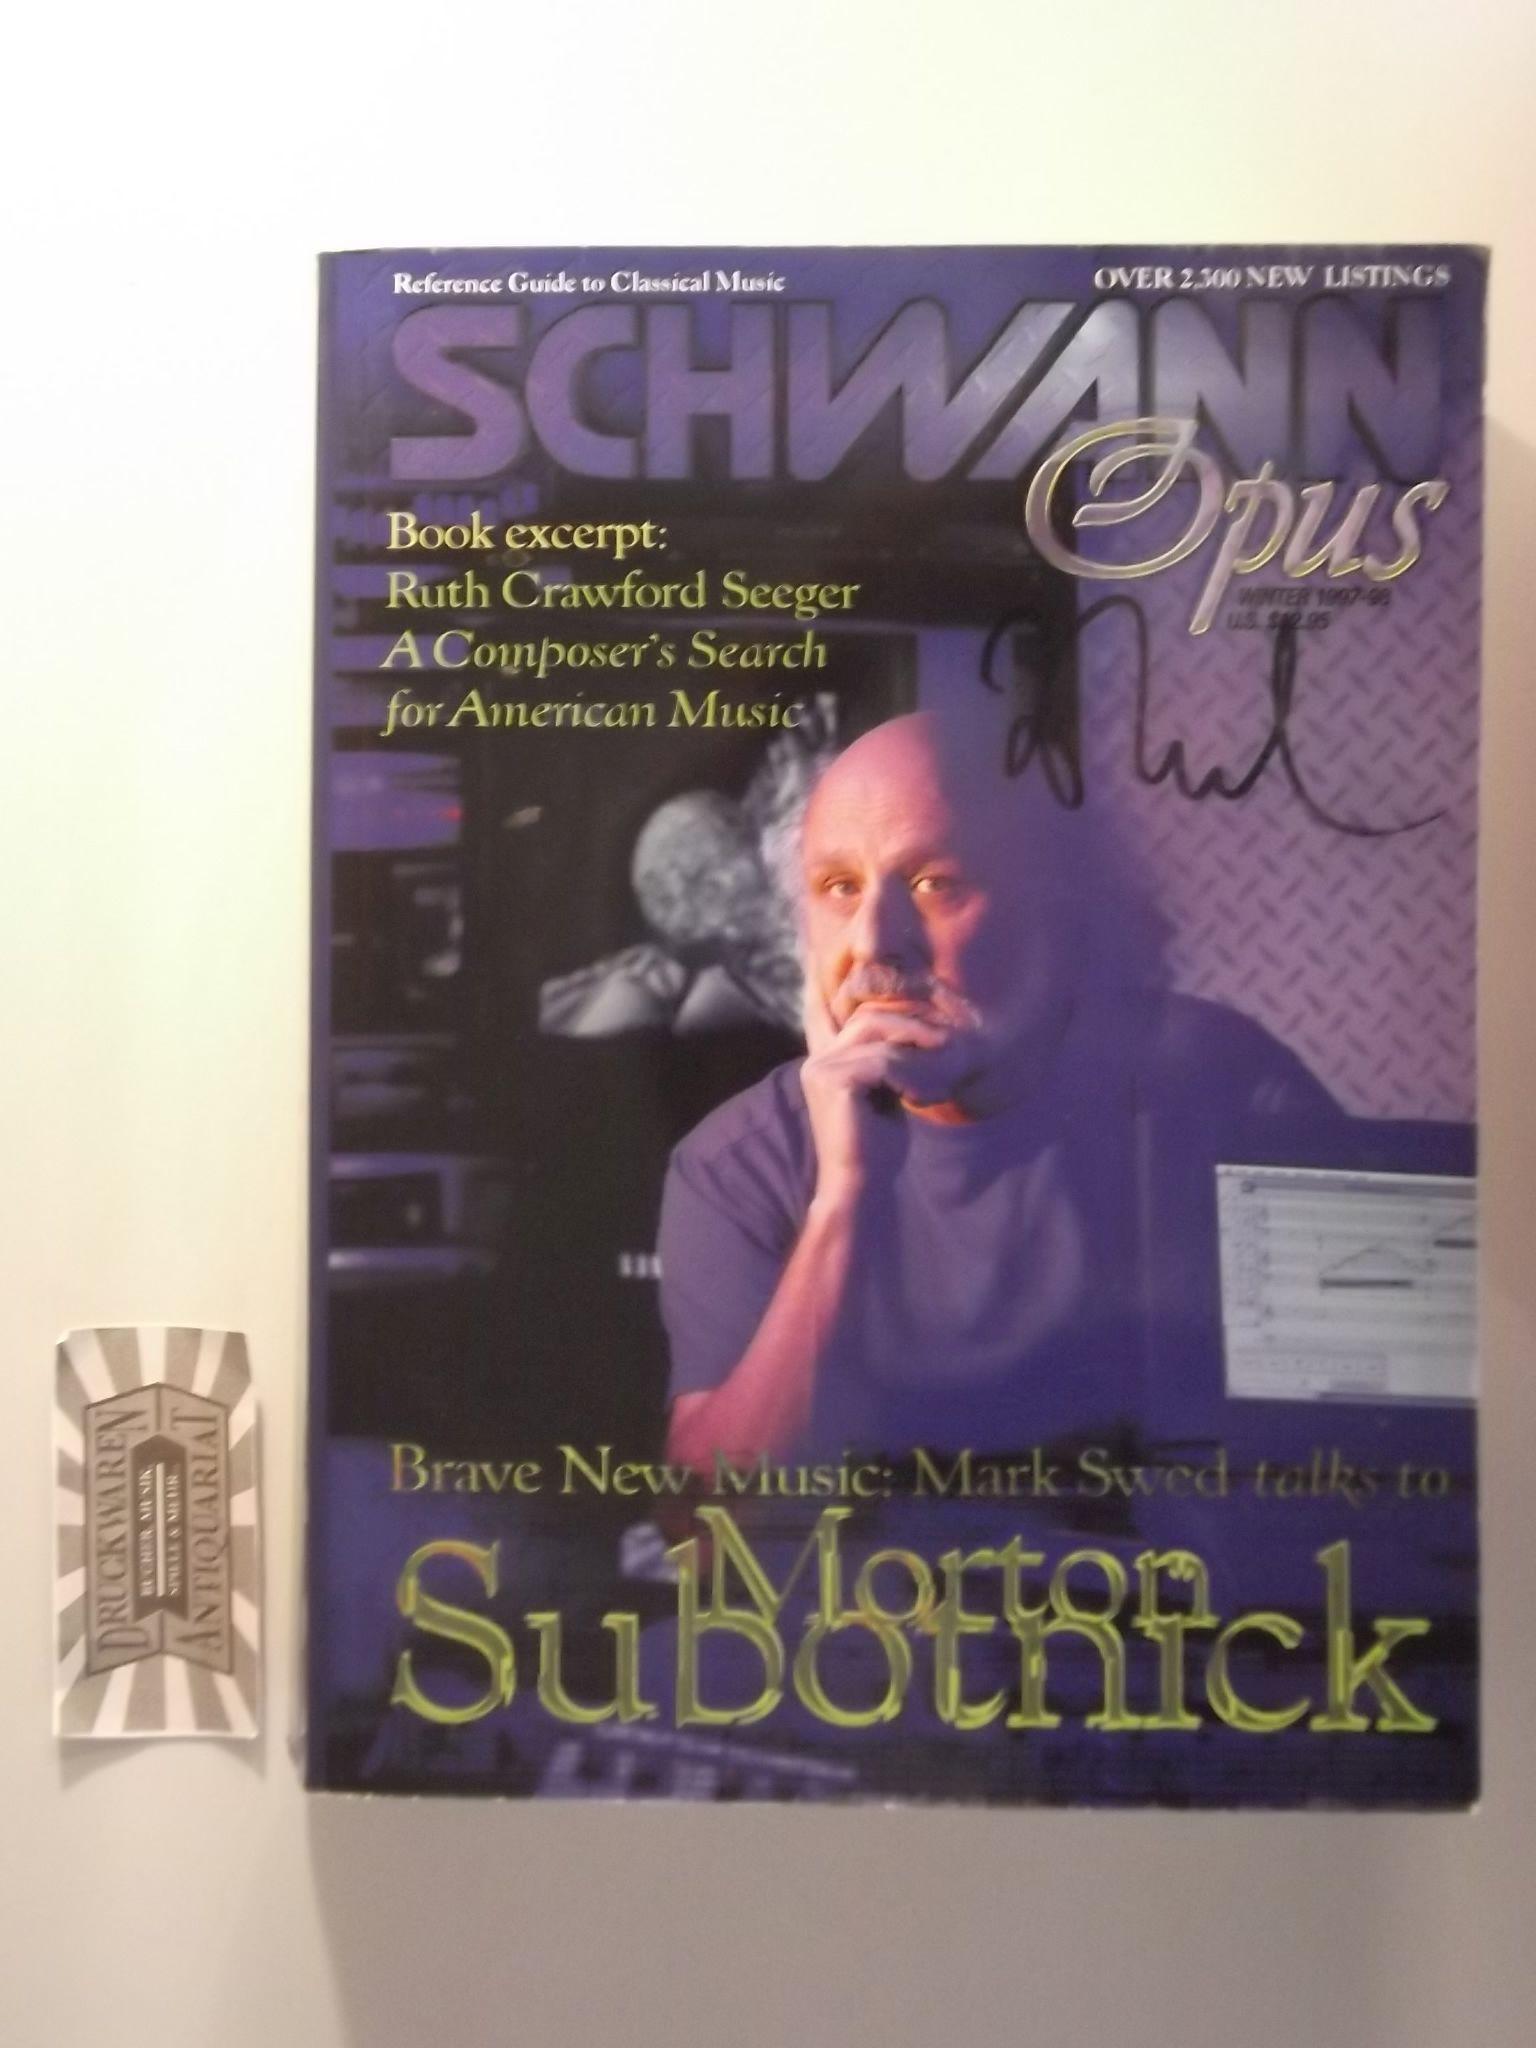 Schwann Opus : Volume 9 Number 1 - Winter 1997/98.